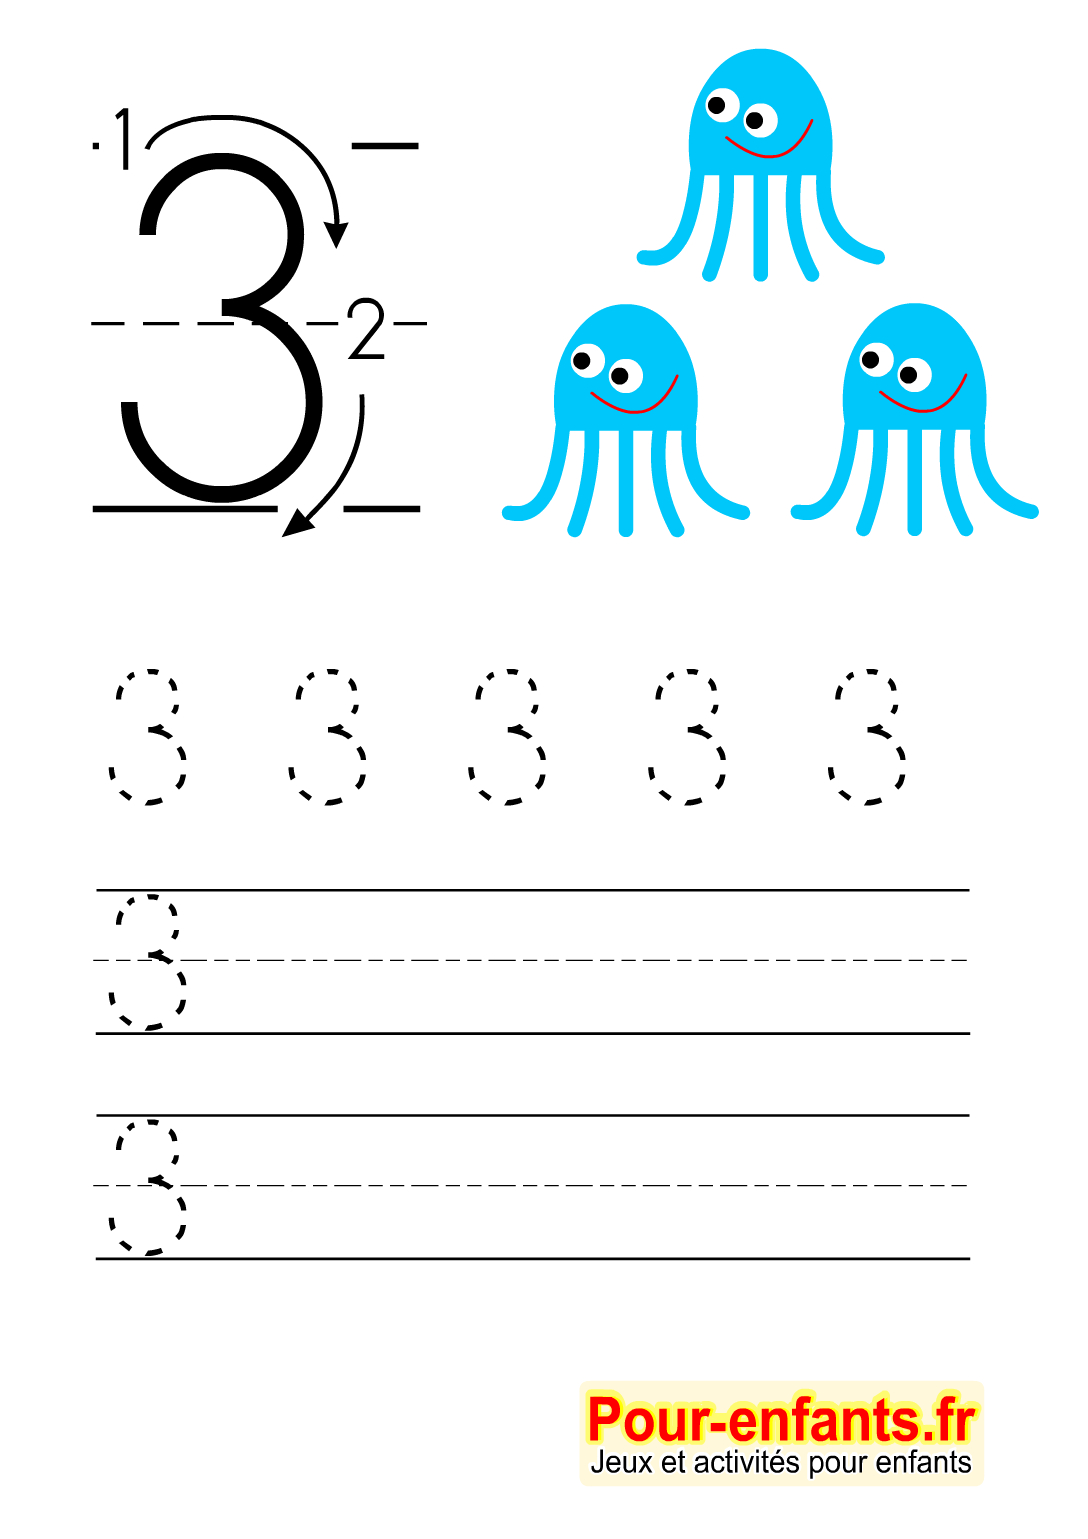 Imprimer Ecrire Les Chiffres En Maternelle| Apprendre destiné Fiche D Ecriture Pour Maternelle A Imprimer